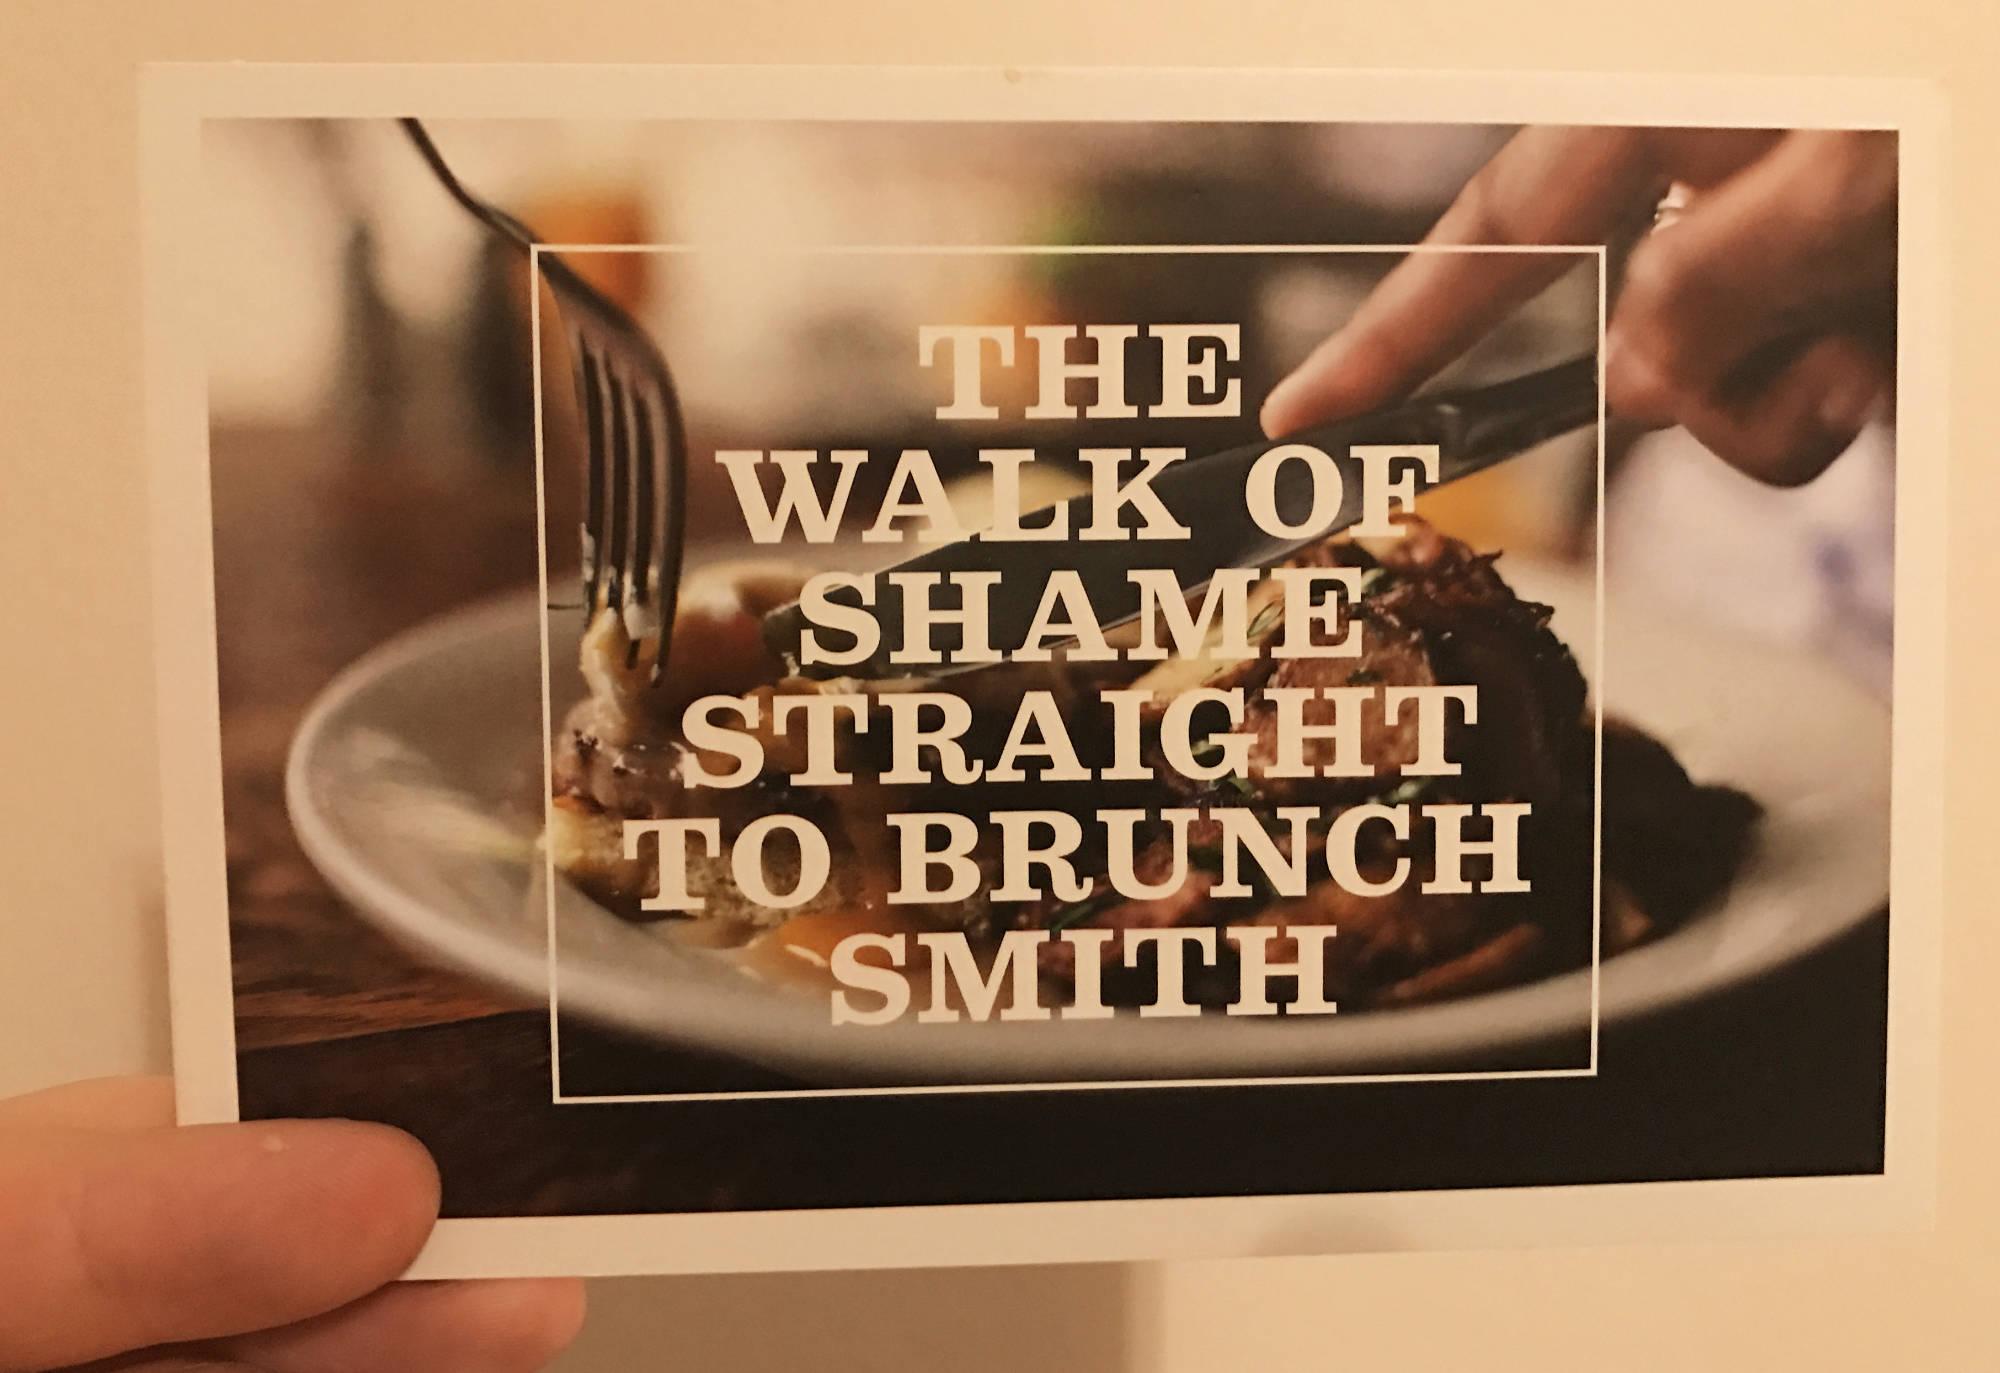 """Местный ресторан Smith, обыгрывая шутку про """"walk of shame"""", приглашает всех приезжих девушек на поздний завтрак."""